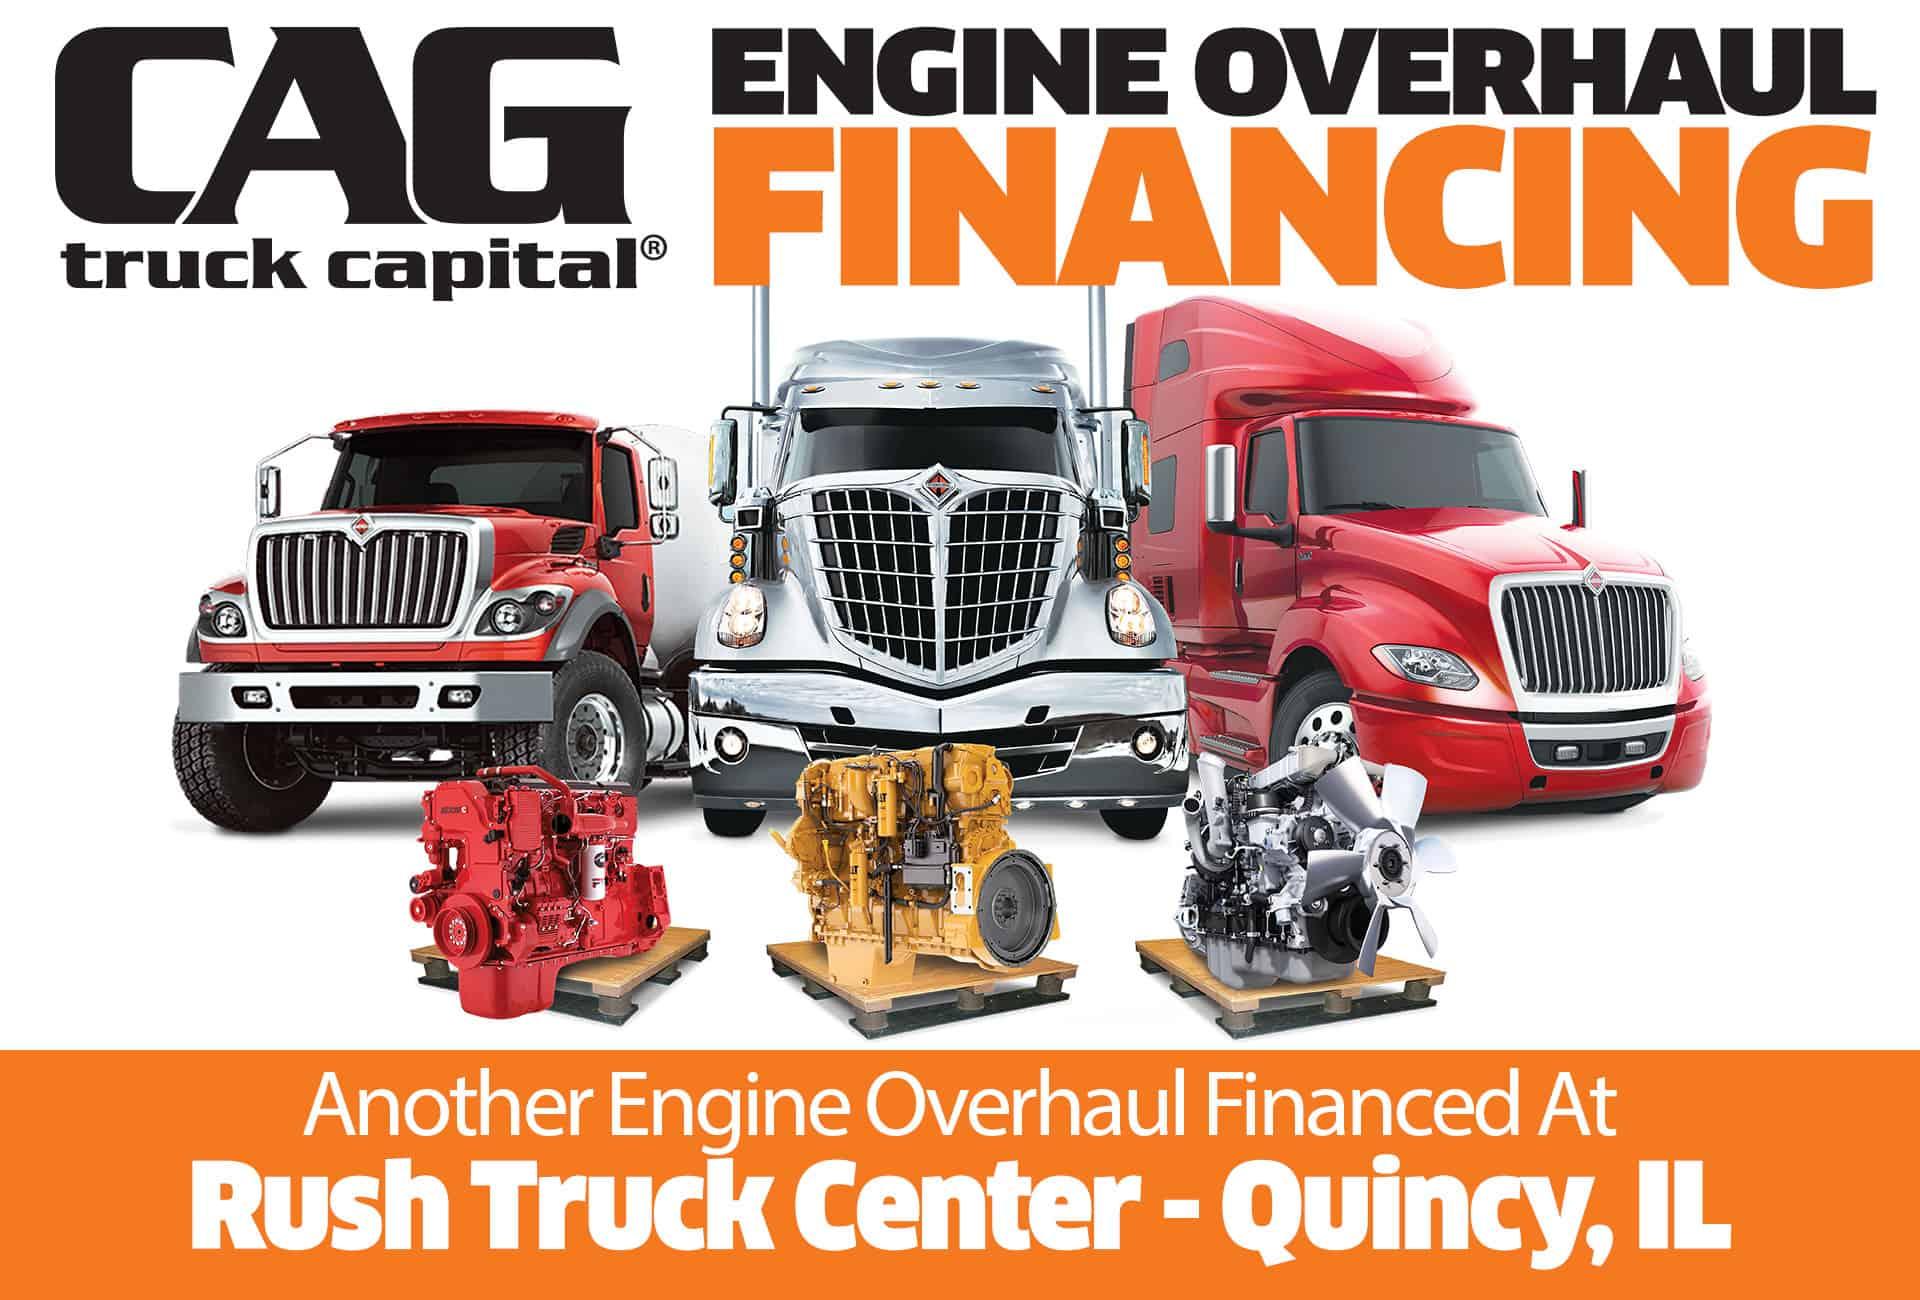 Rush Truck Center Quincy IL